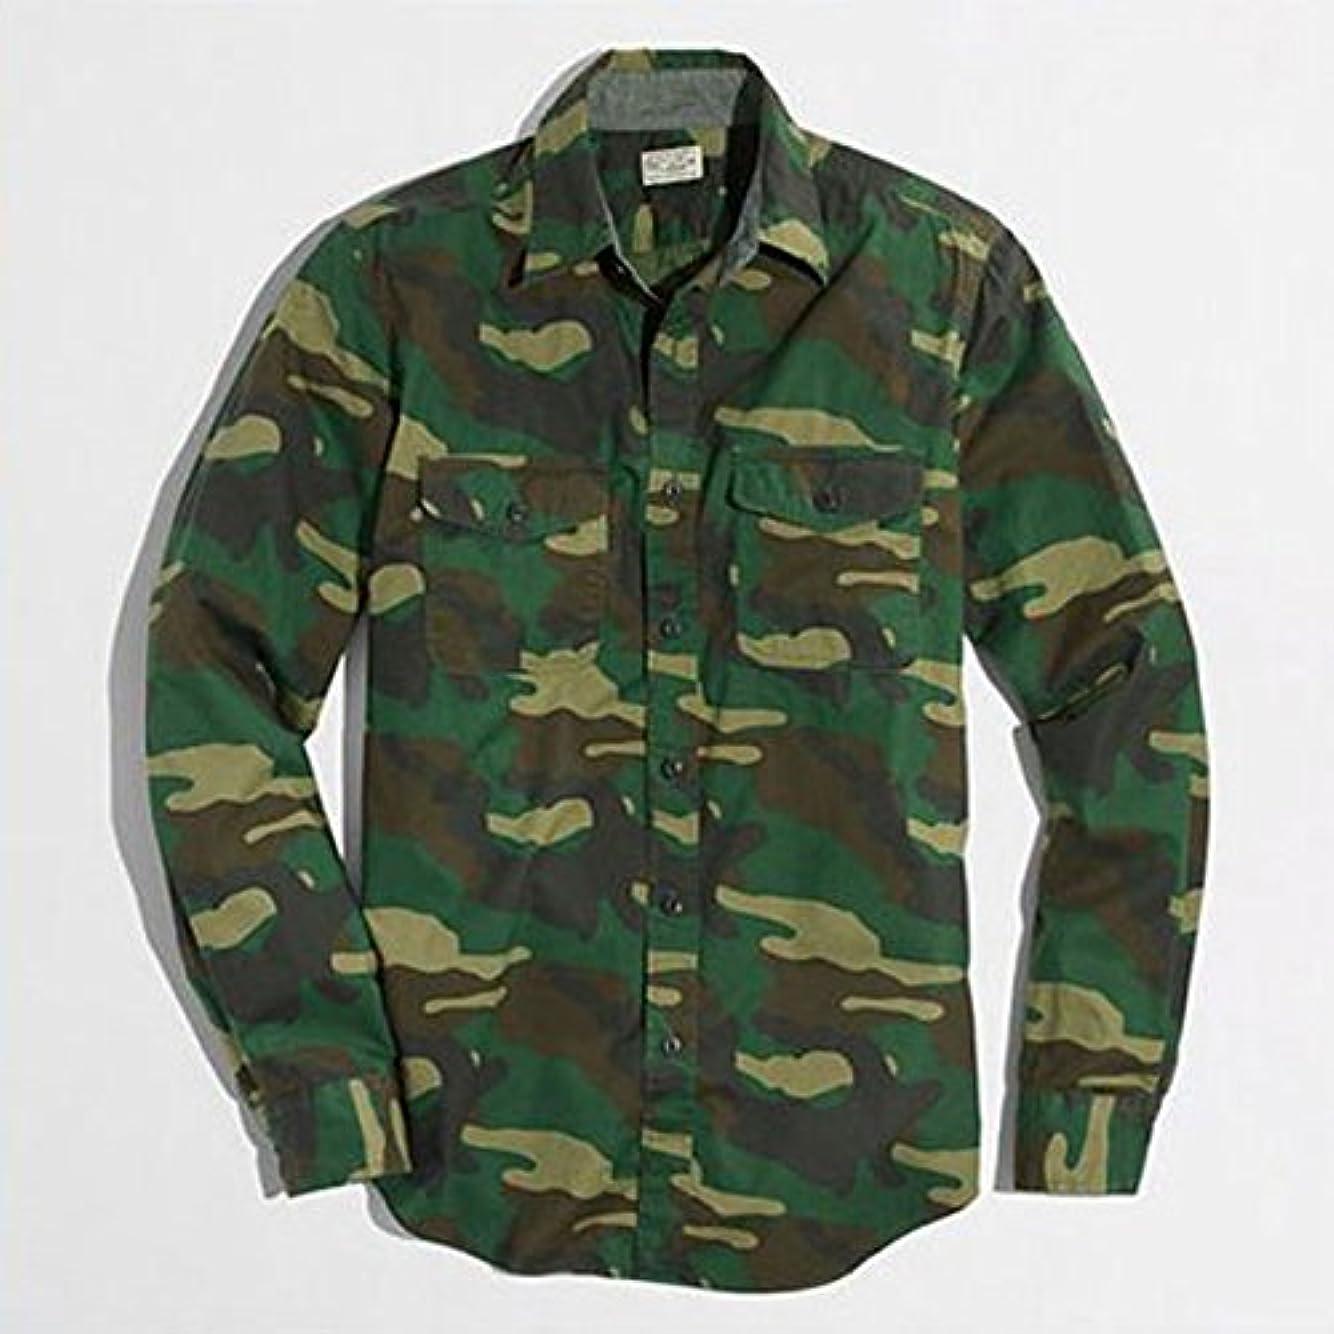 そしてとは異なり殉教者[ジェイクルー] J.CREW 正規品 メンズ 長袖シャツ CAMP SHIRT IN CAMO 並行輸入品 (コード:4075753855)